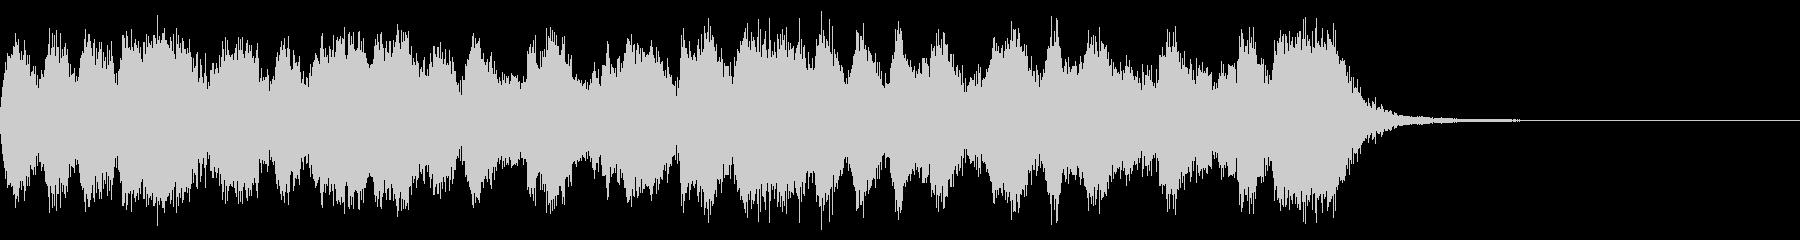 カートゥーン調のオープニングオーケストラの未再生の波形